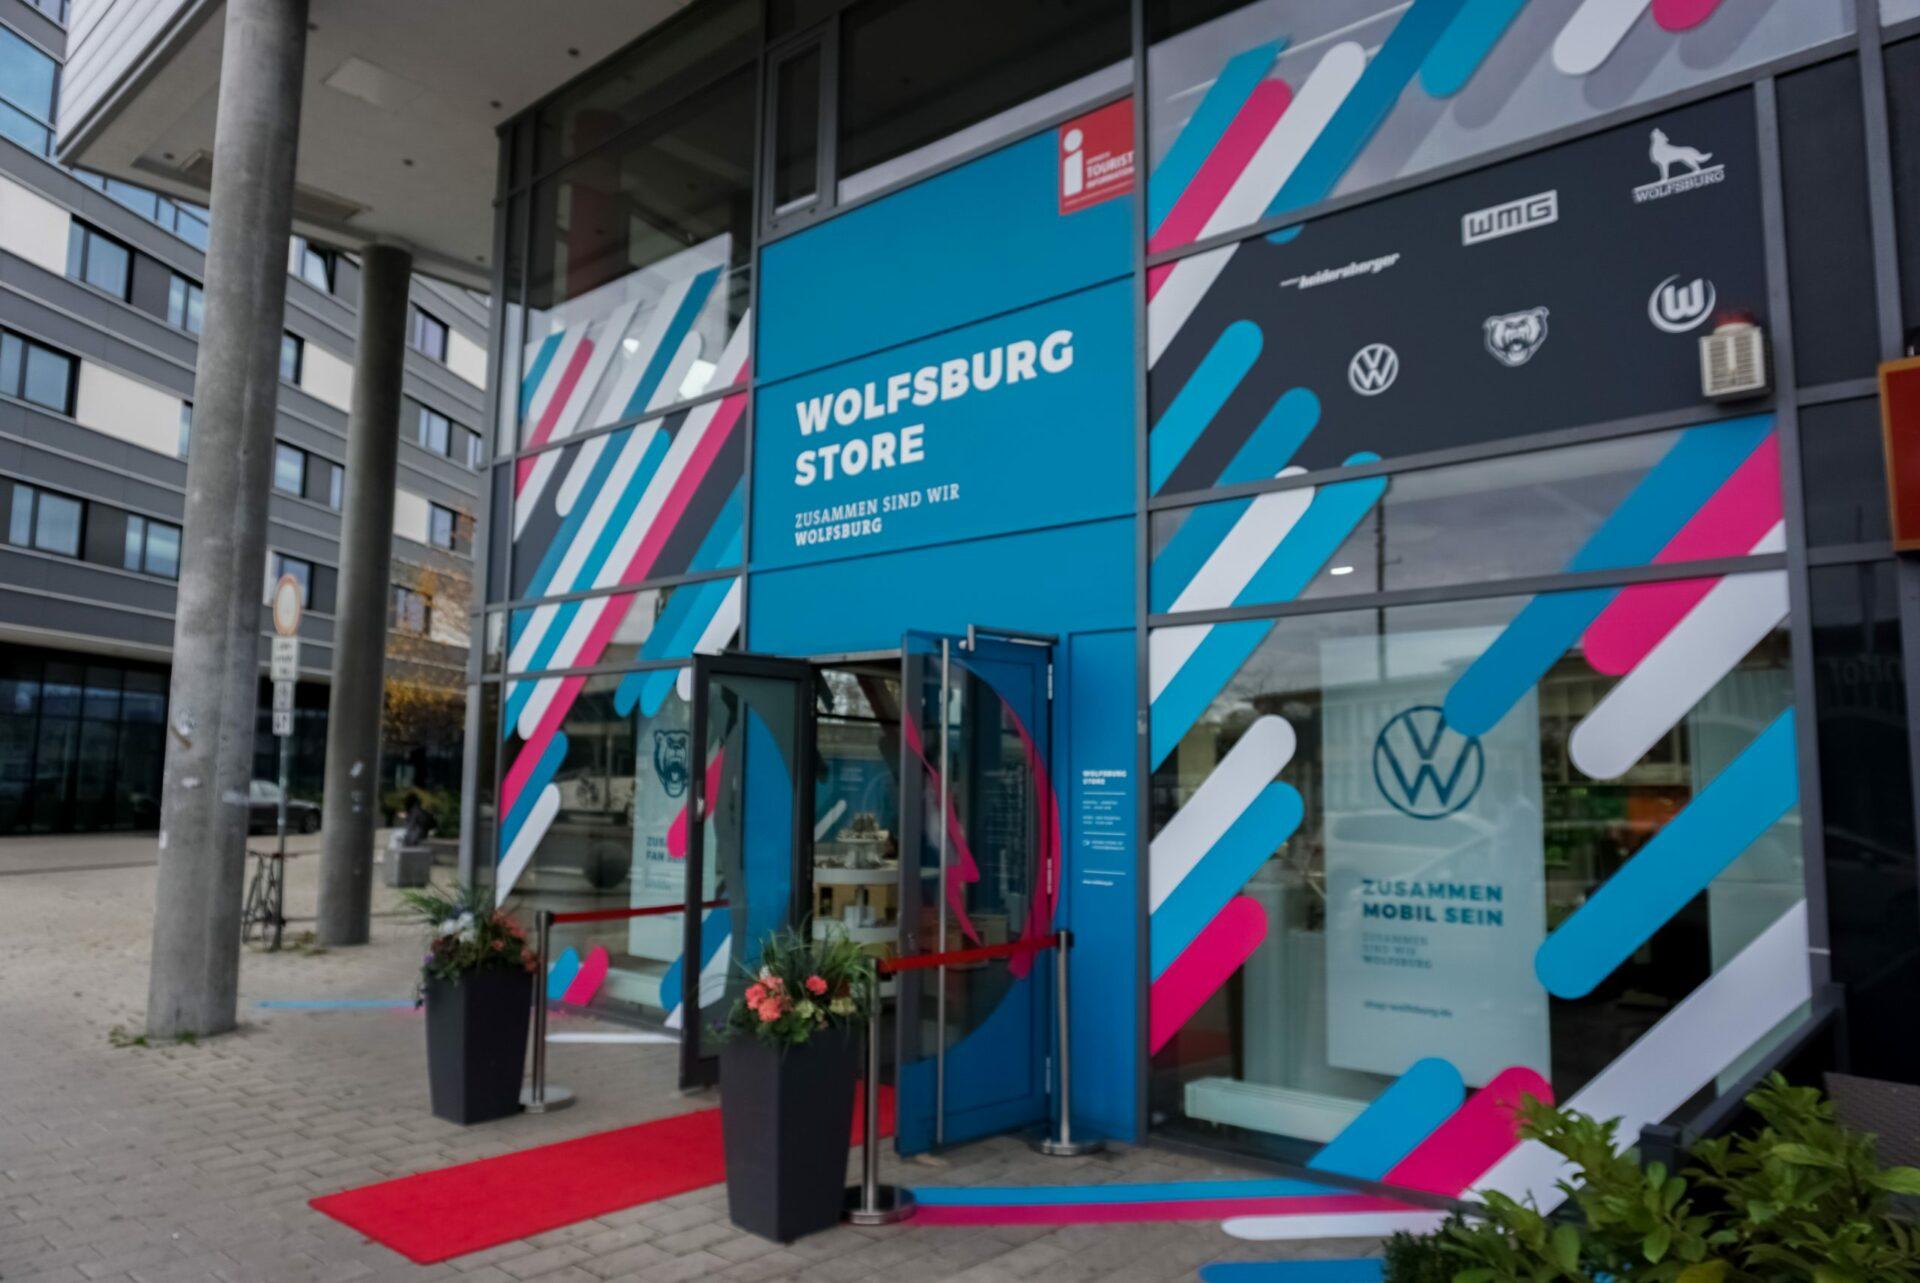 Bild zeigt die Außenansicht des Wolfsburg Stores mit der Eingangstür